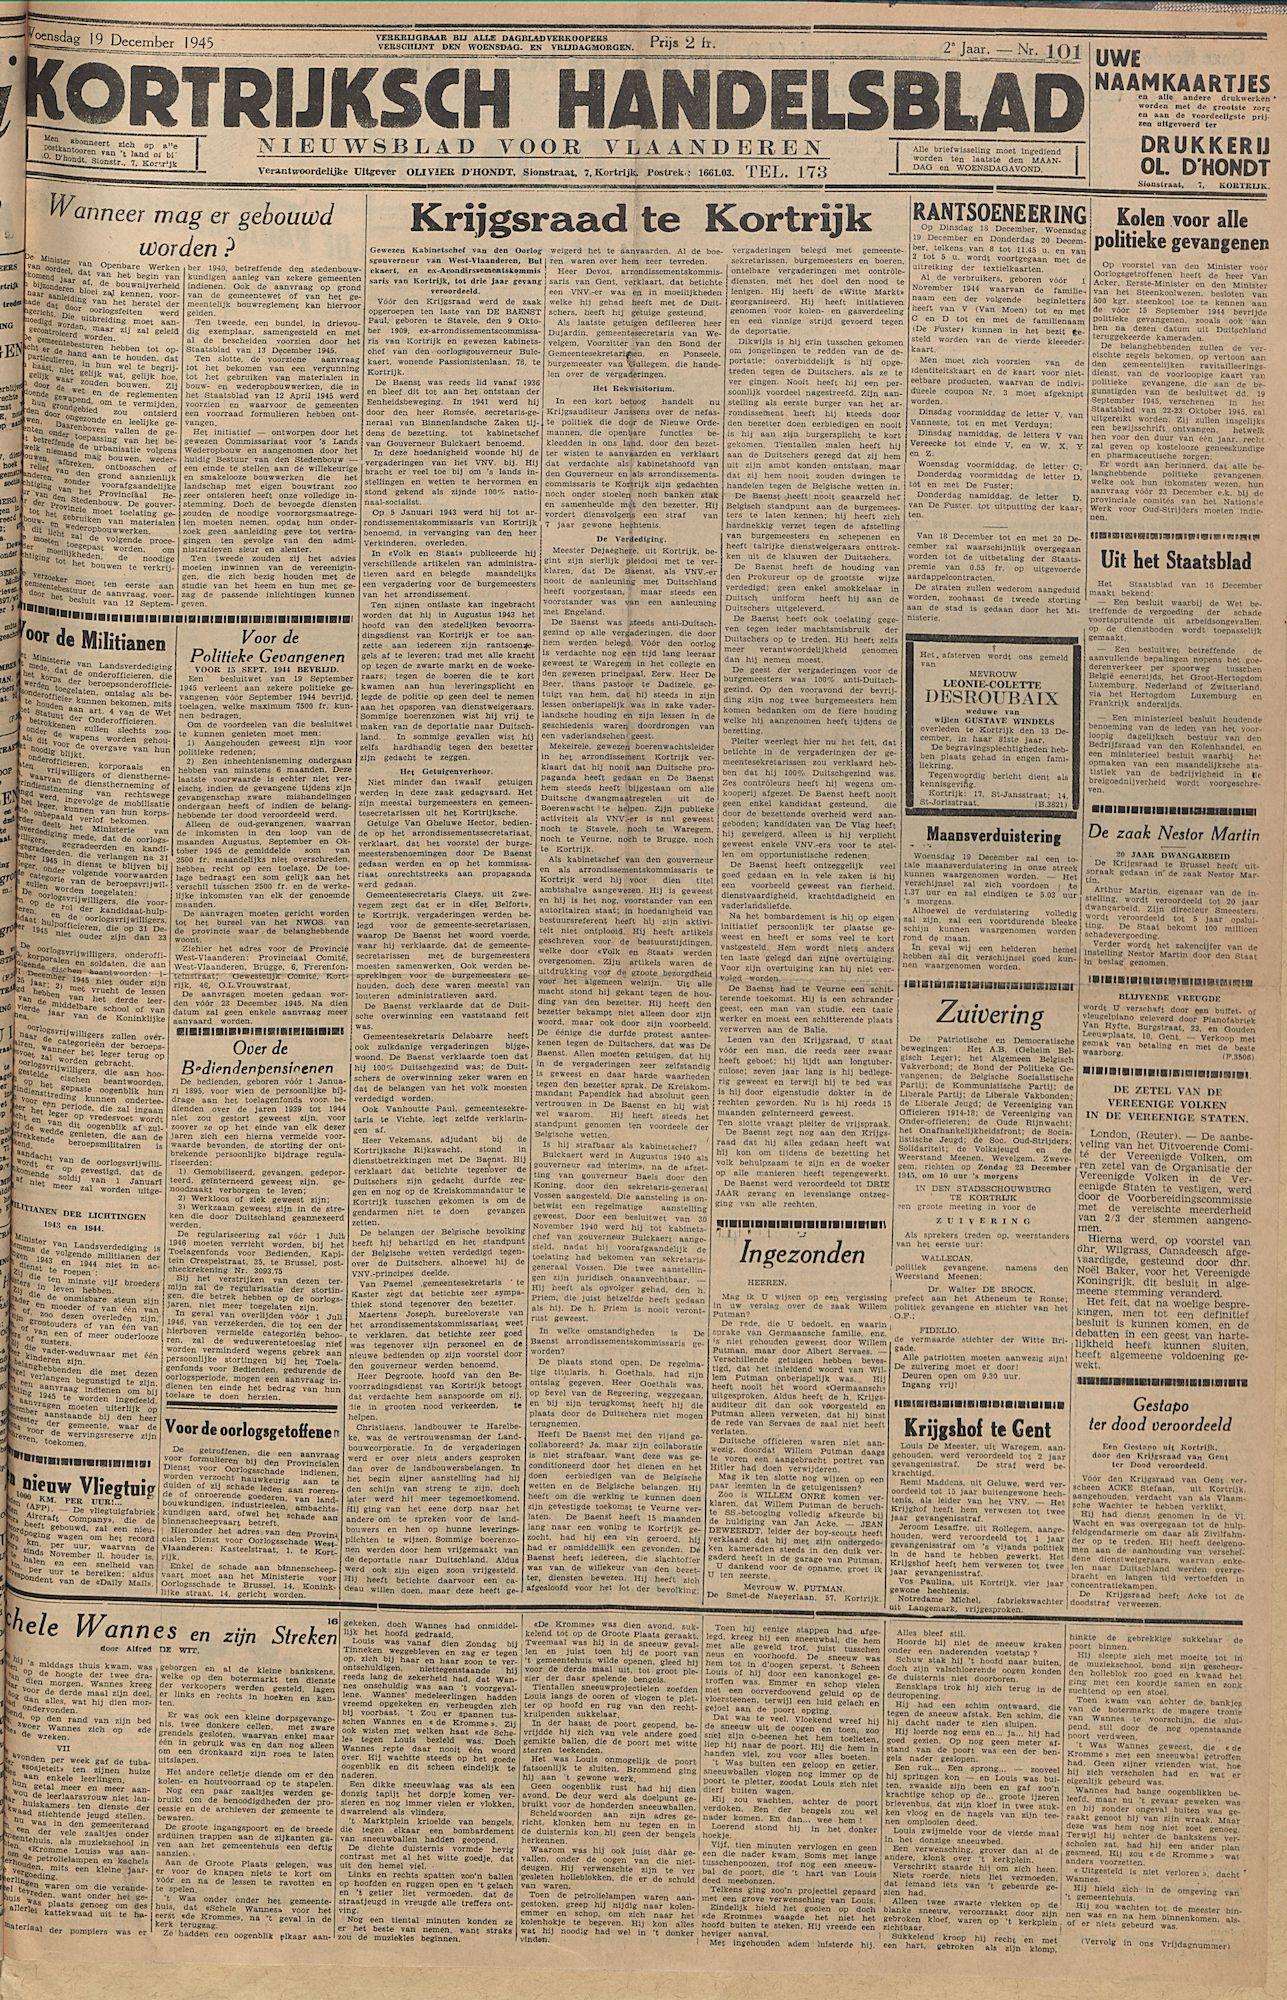 Kortrijksch Handelsblad 19 december 1945 Nr101 p1